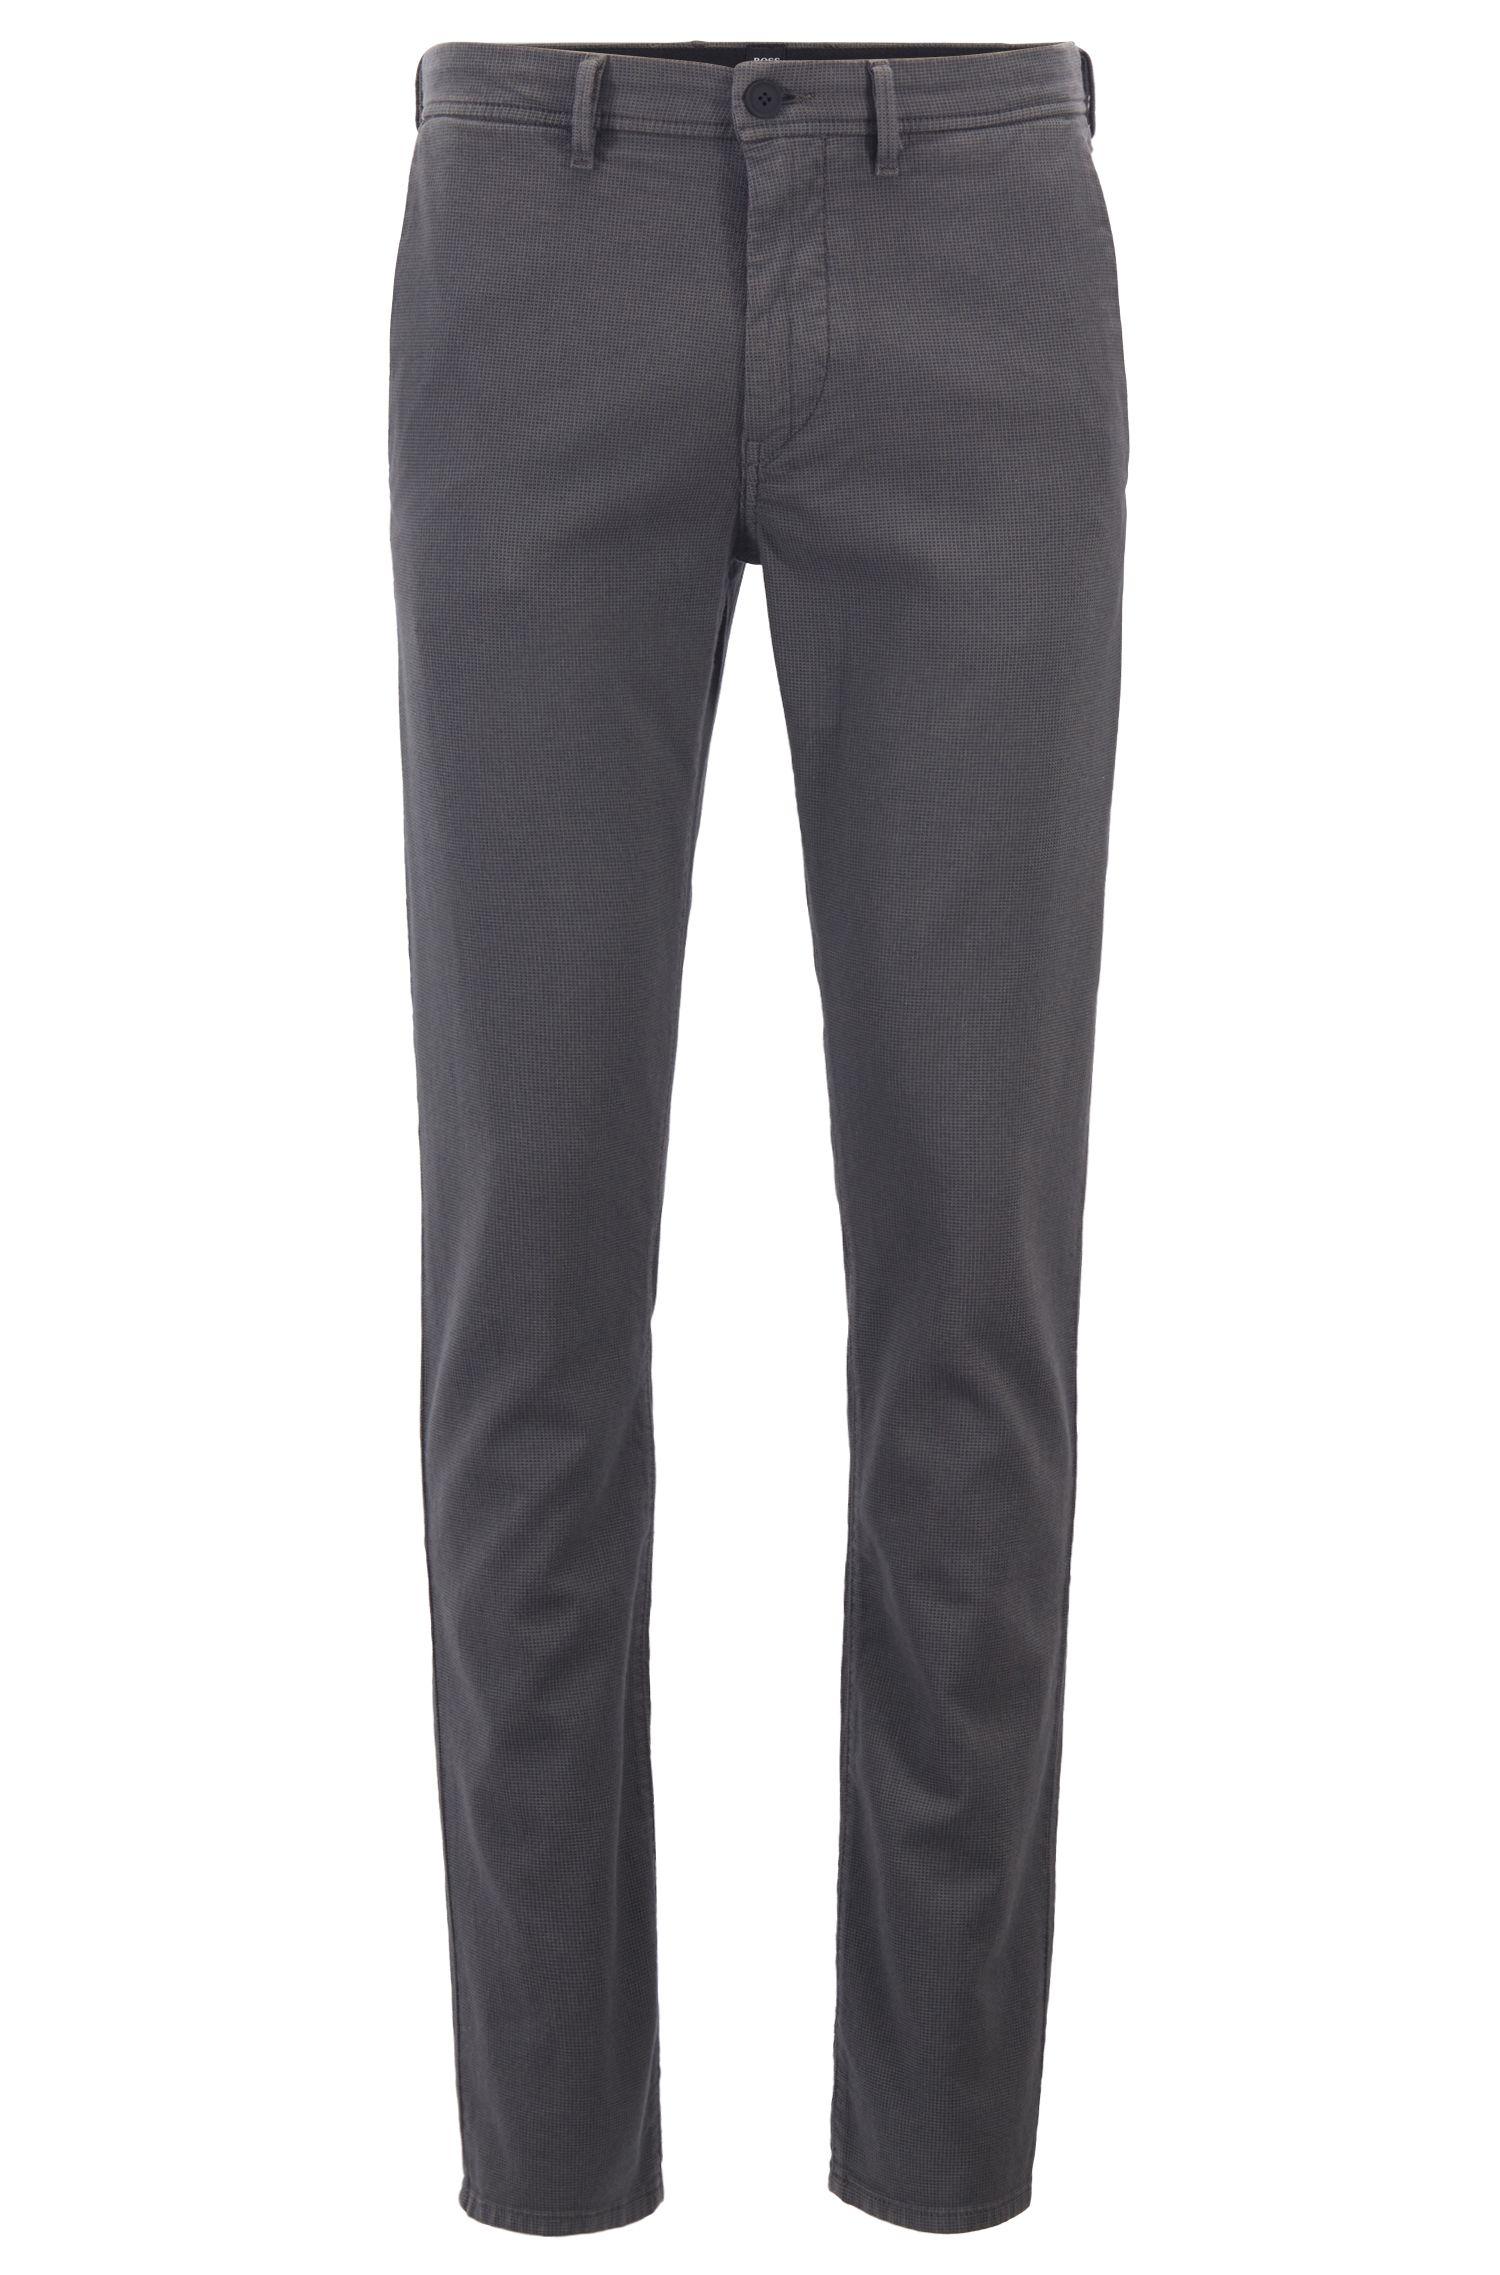 Pantalones slim fit con trabillas de cinturón dobles, Gris marengo